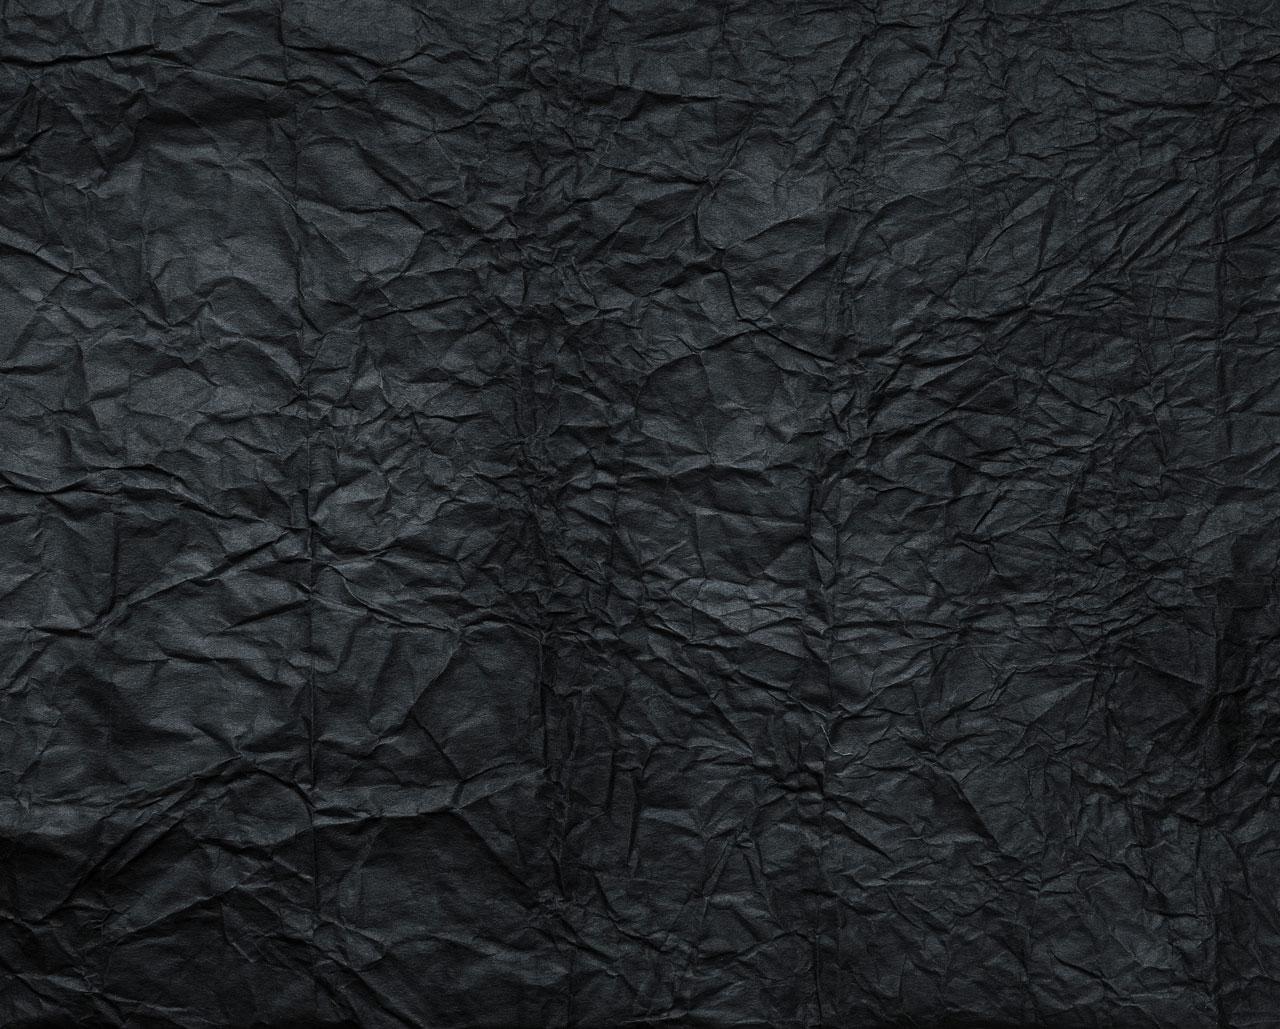 divoké texty - pokrčené černé papíry